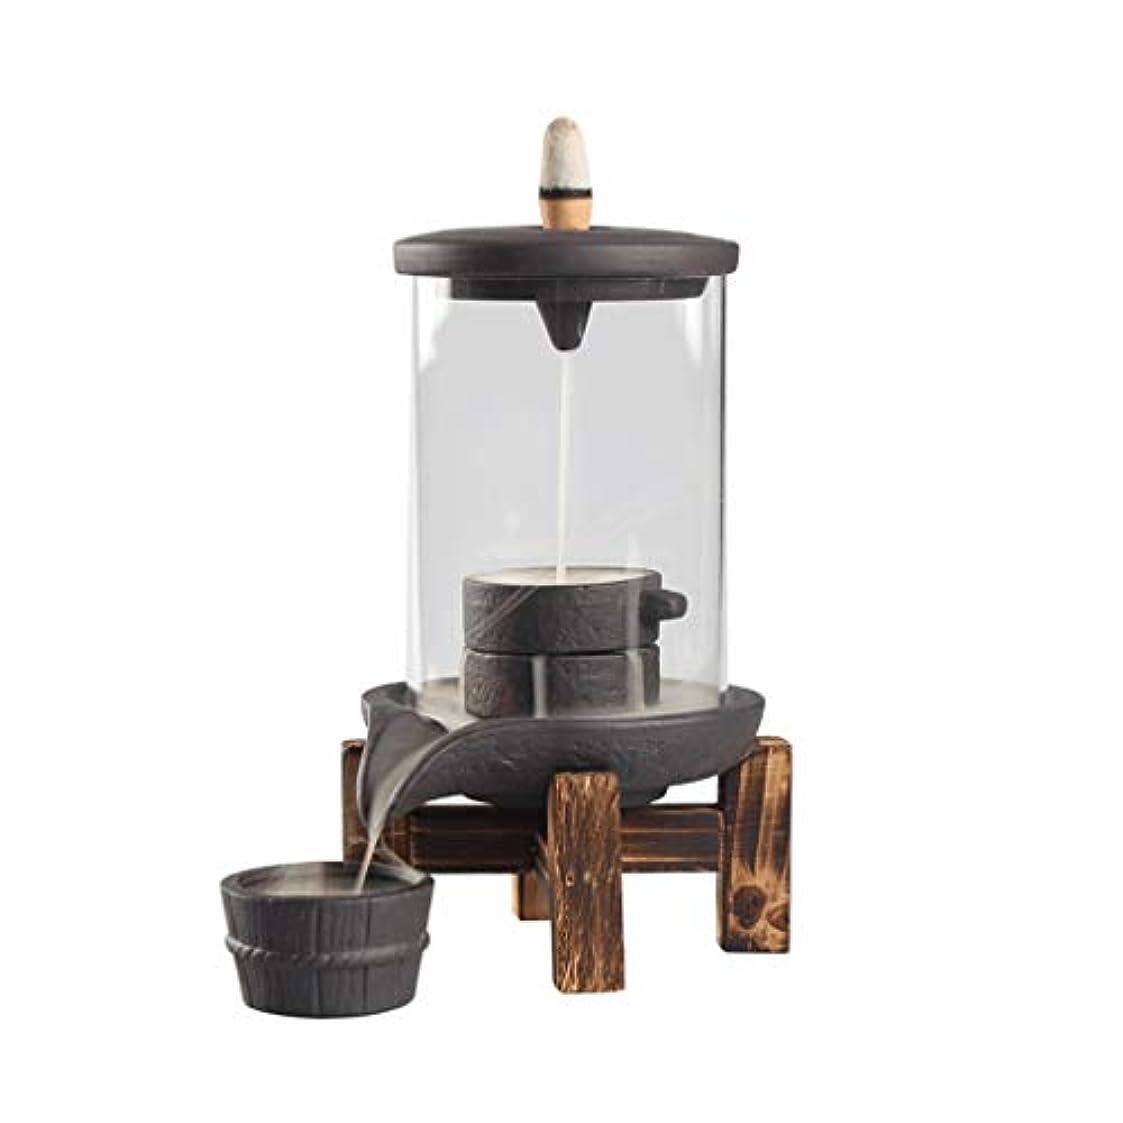 水を飲むアンティーク一般化する逆流ガラスカバーお香バーナー陶芸工芸品装飾品ホームインテリアクリエイティブデコレーションコーンセンサーお香ホルダー (Color : 3.74*6.7INCHS)